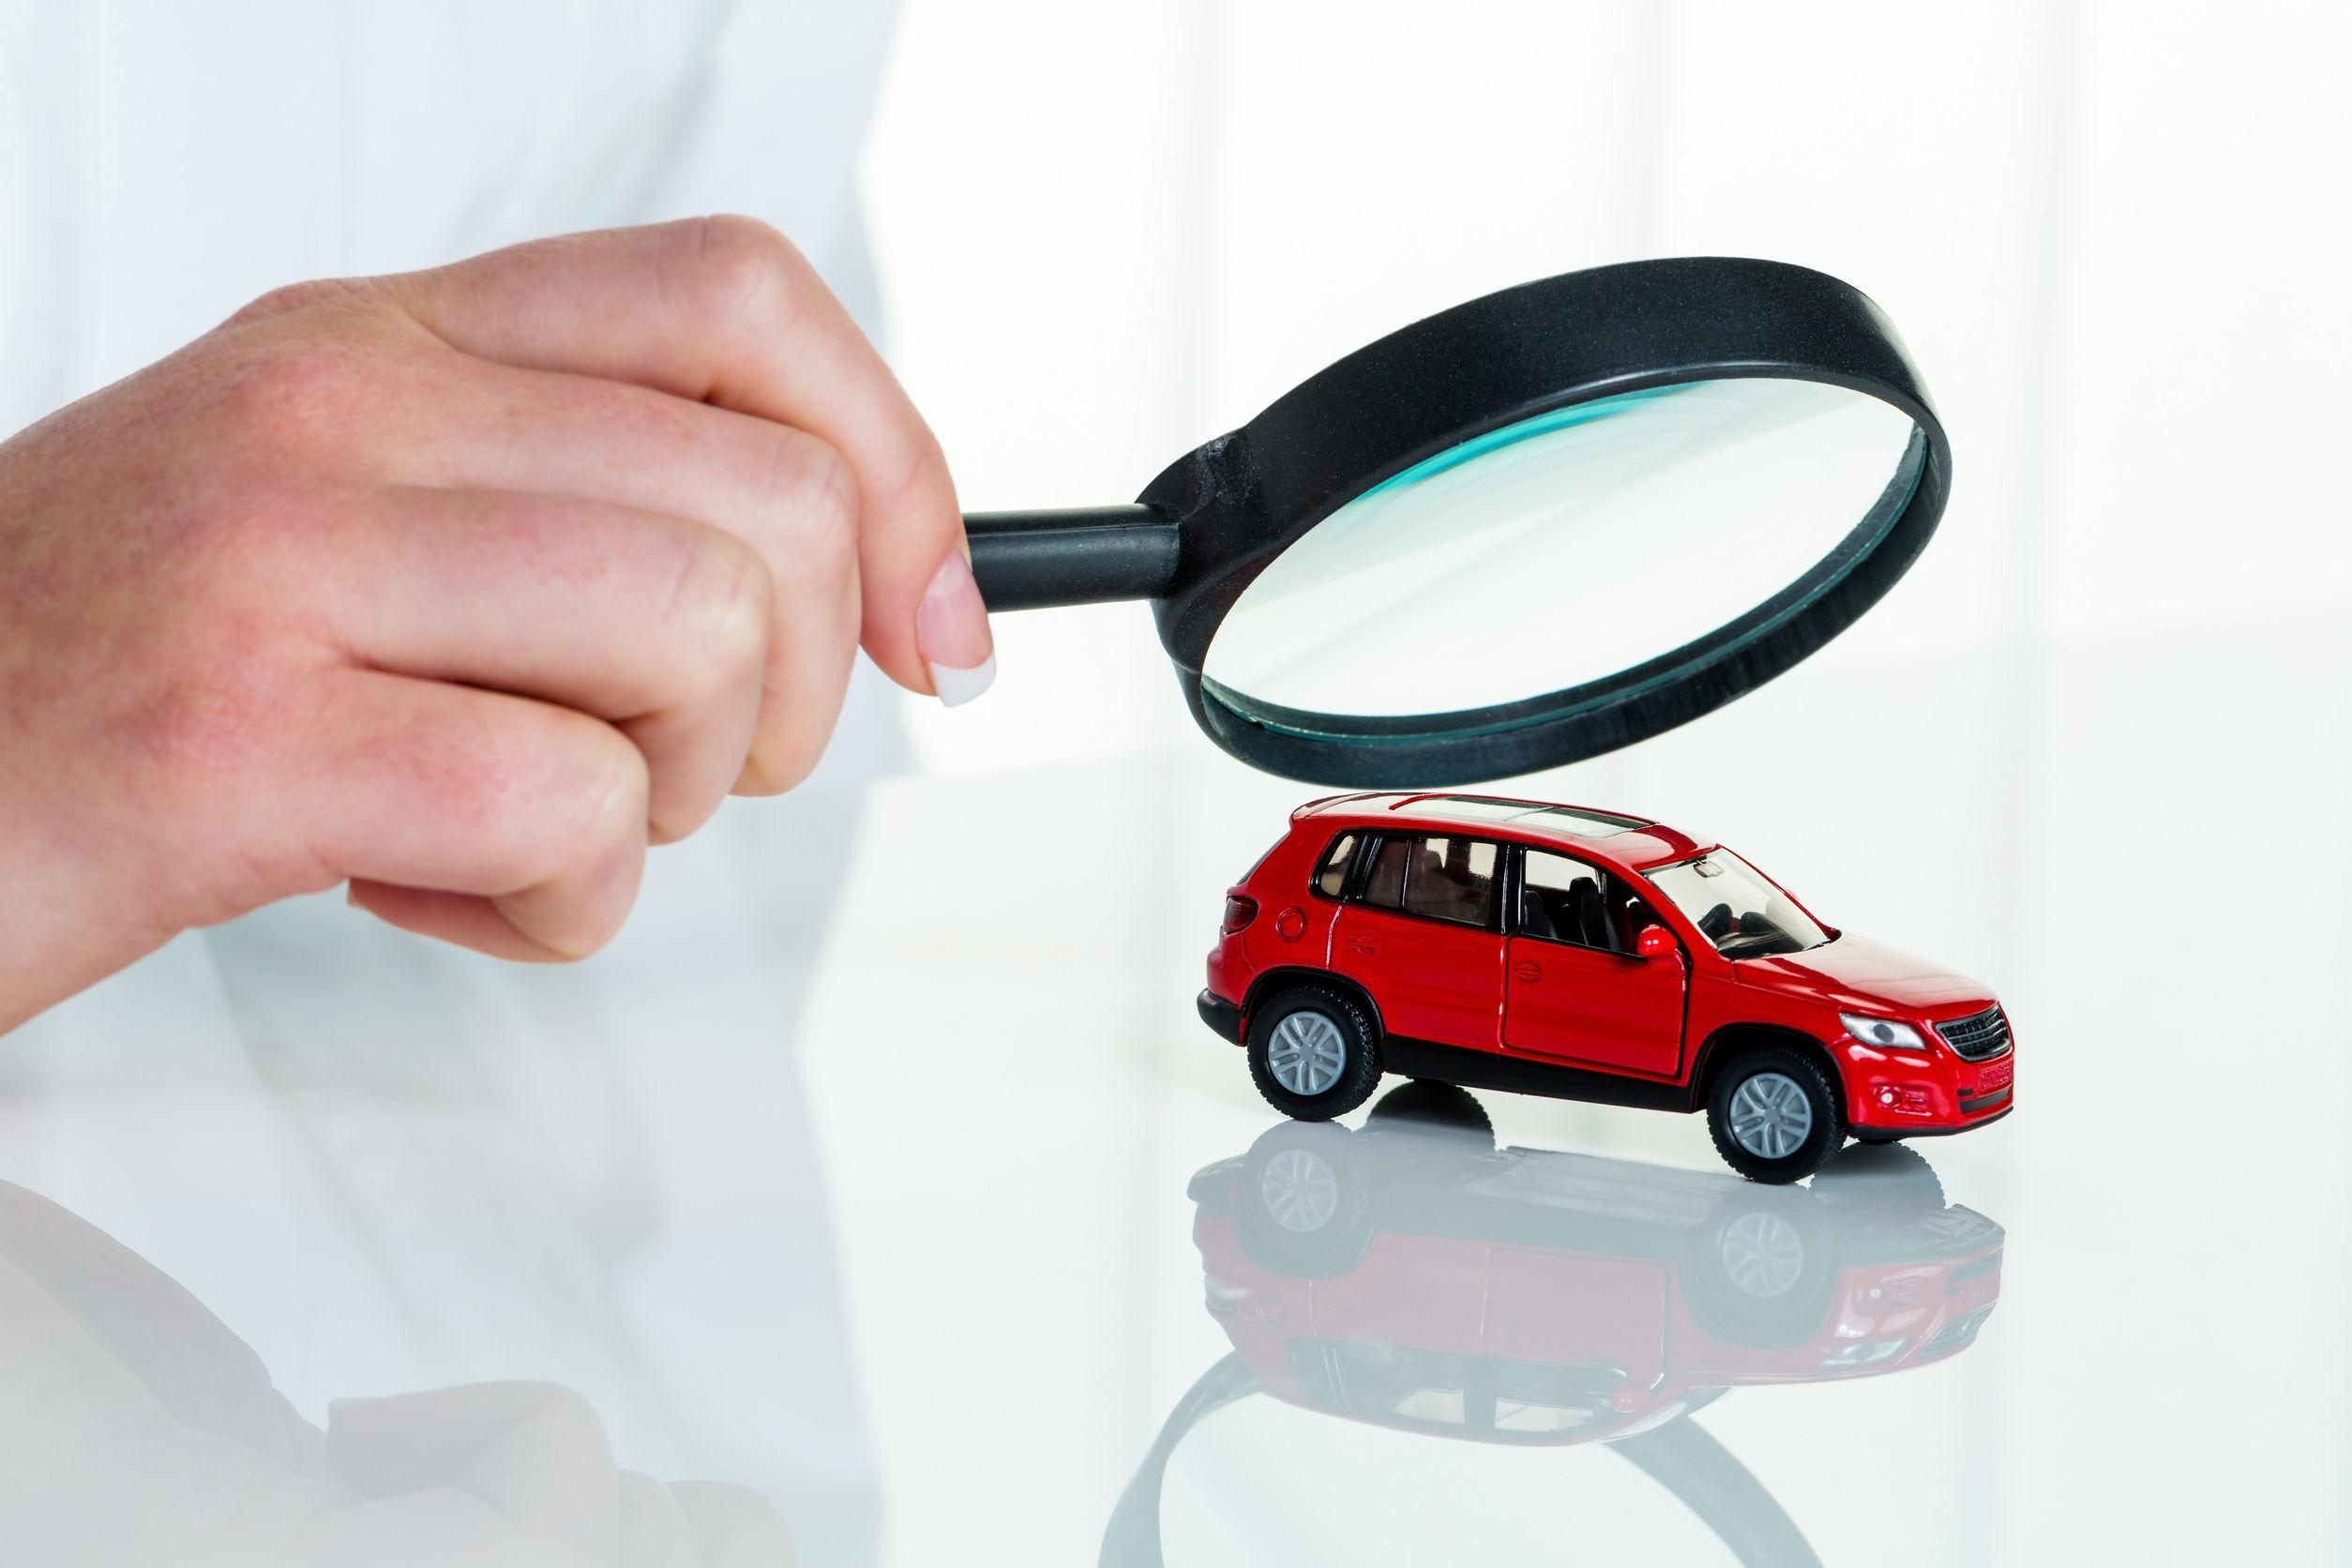 Ufficio Per Passaggio Di Proprietà Auto : Passaggio di proprietà fai da te: ecco cosa cambia